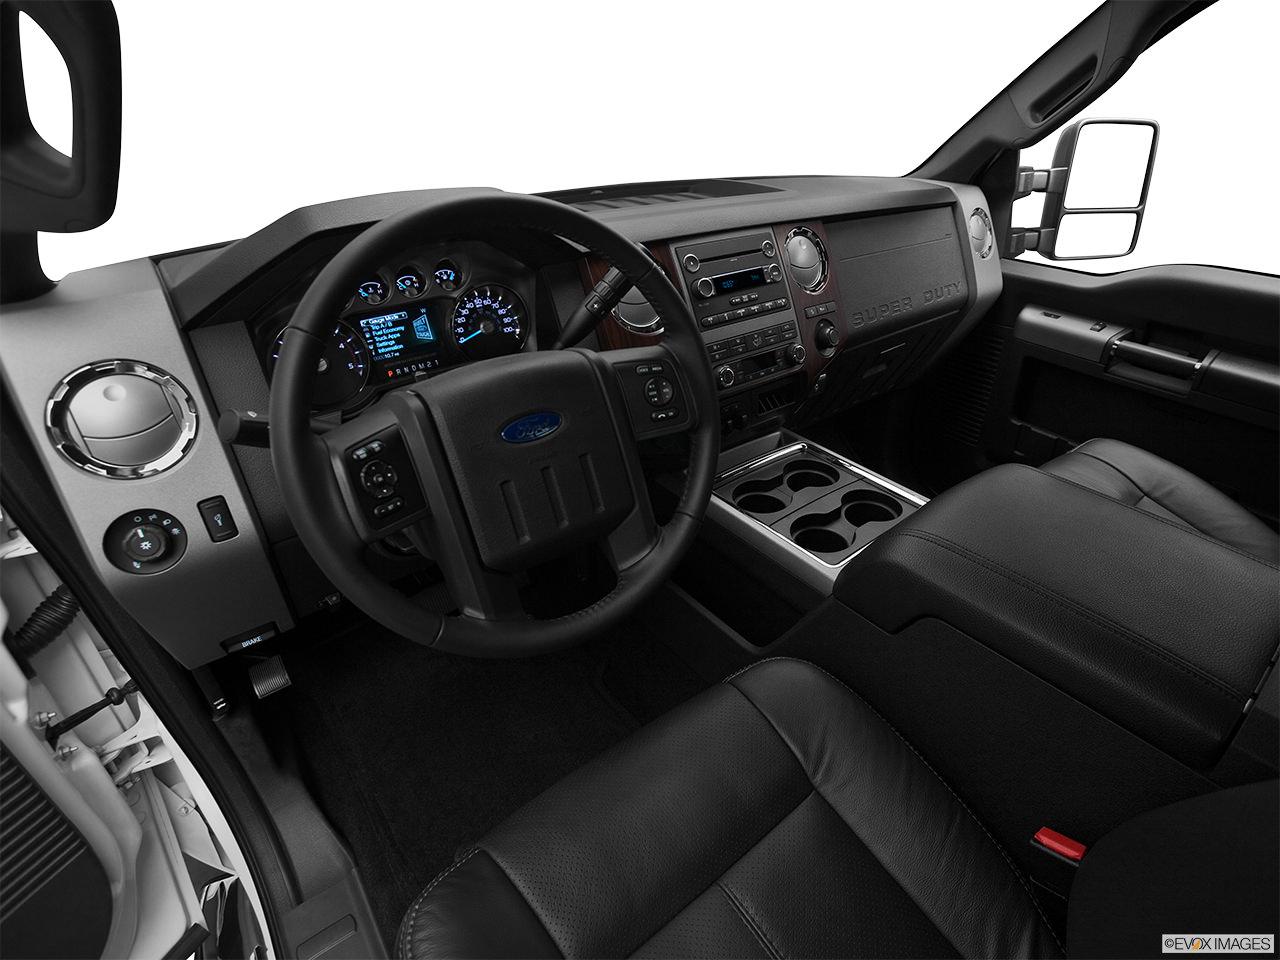 Ford F350 2012 Interior